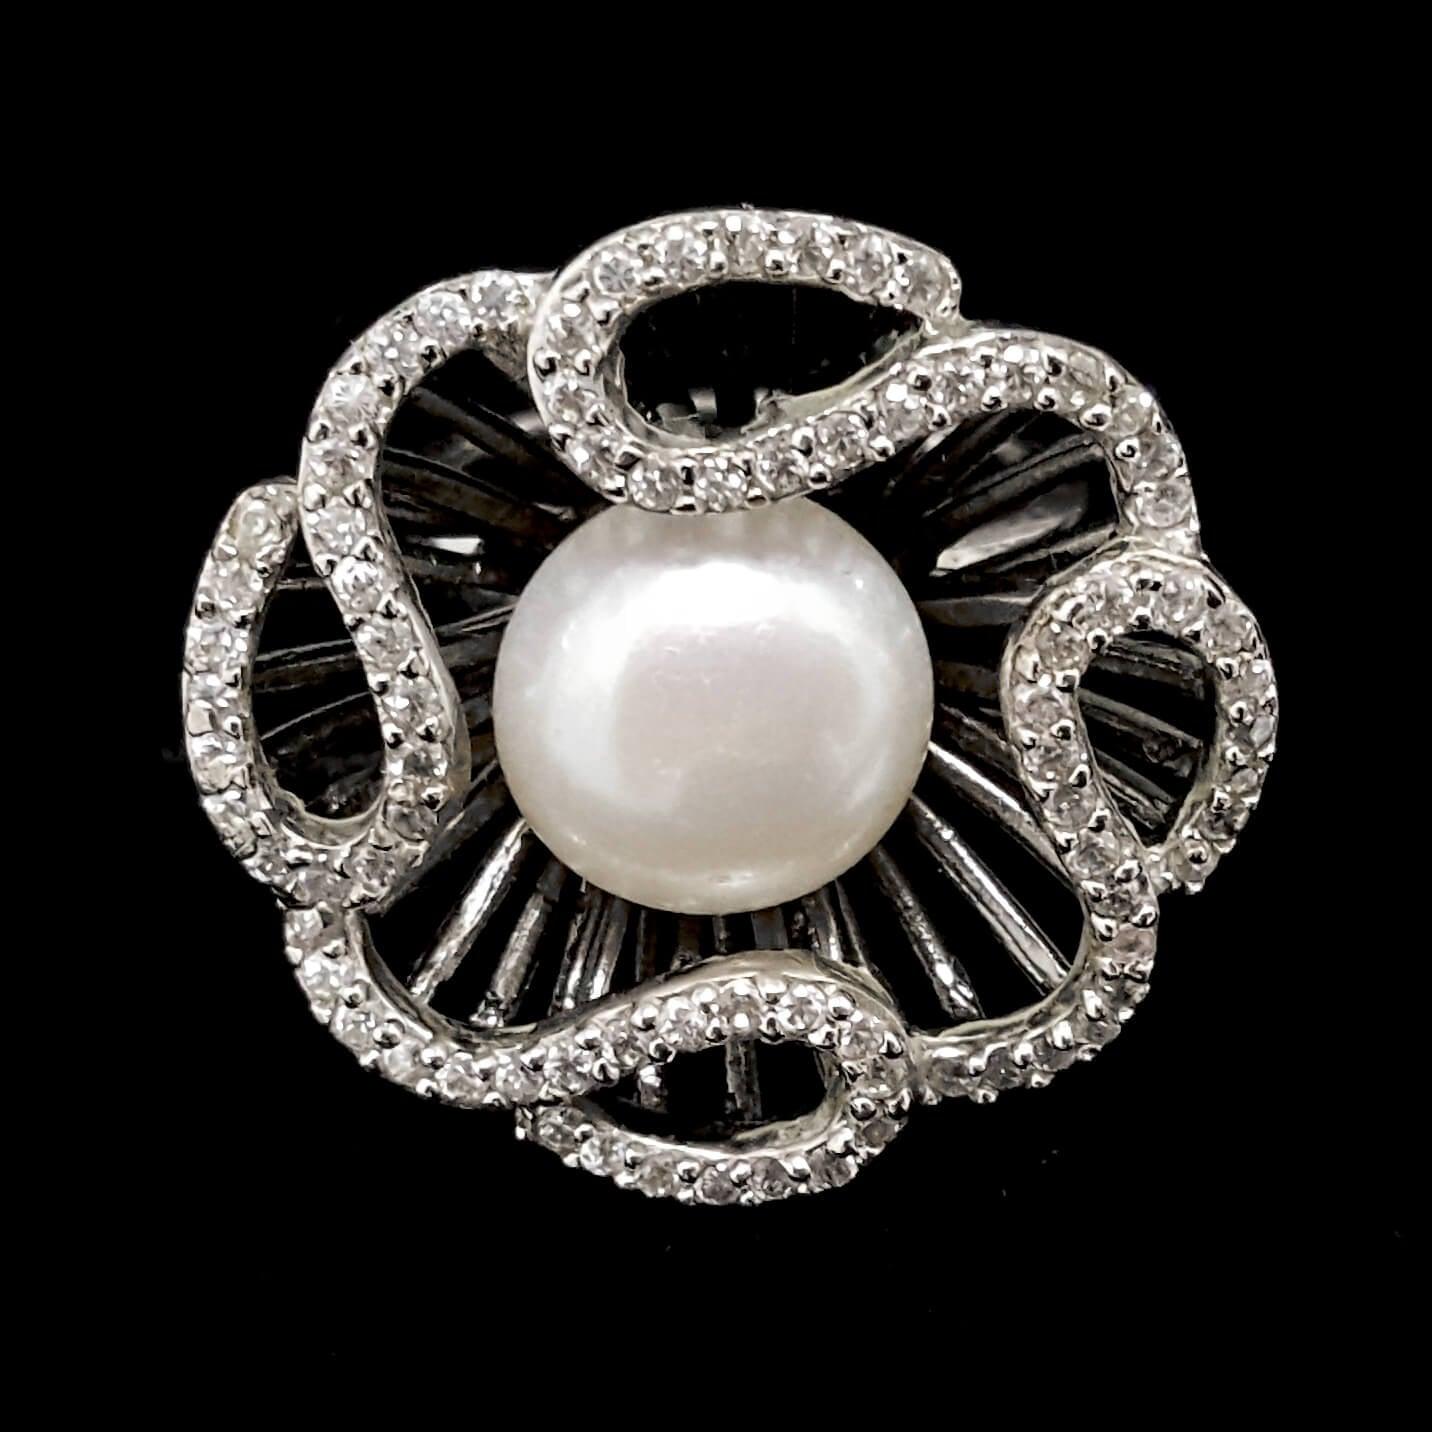 טבעת כסף פרח משובצת פנינה לבנה וזרקונים RG7816 | תכשיטי כסף 925 | טבעות כסף